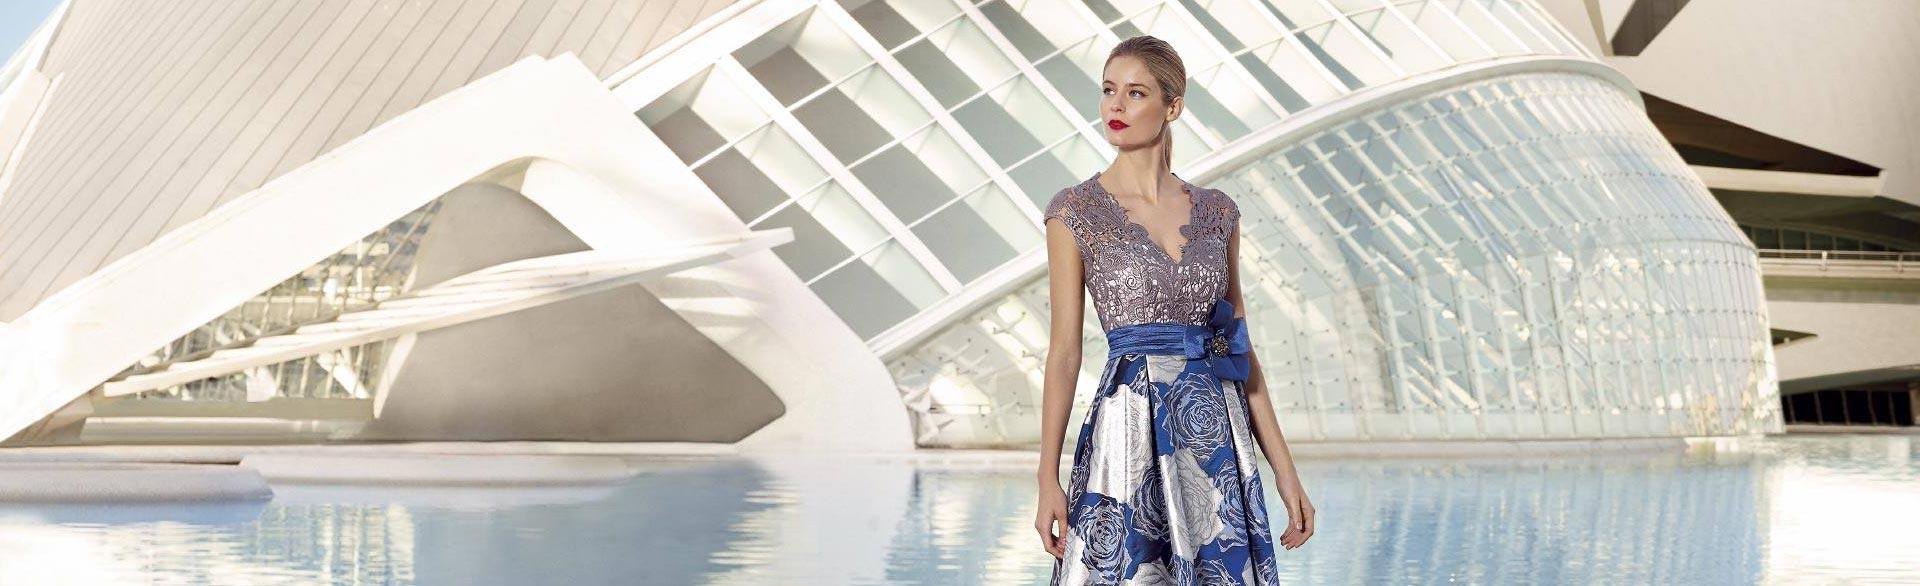 Gli abiti Sonia Pena - Abbracciavento Boutique